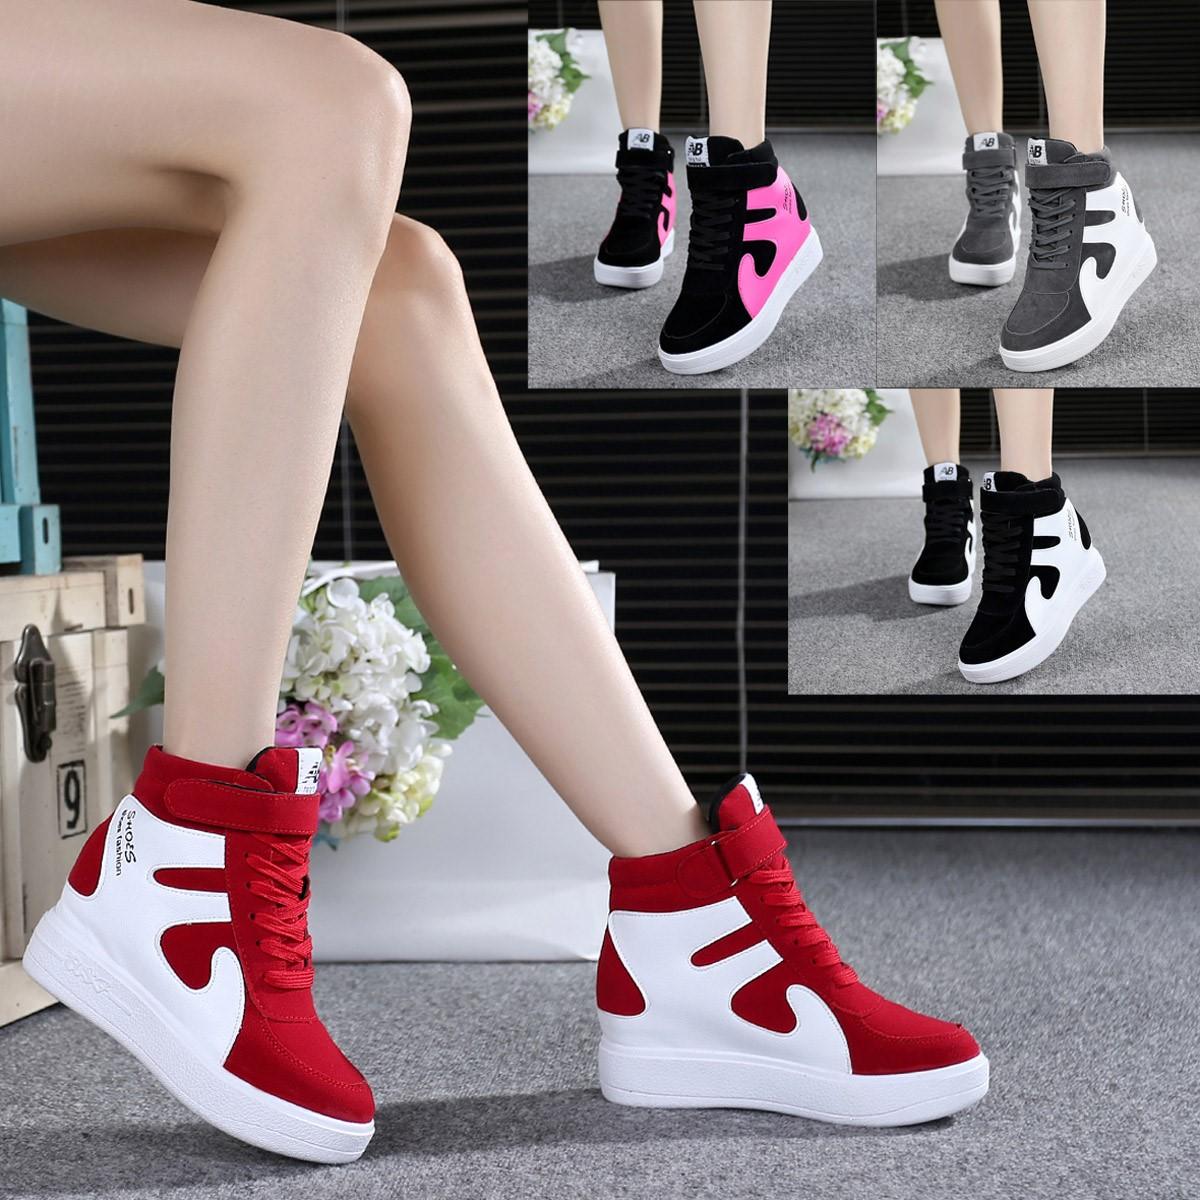 Женские ботинки на платформе / Высокие кроссовки Артикул 600962219630